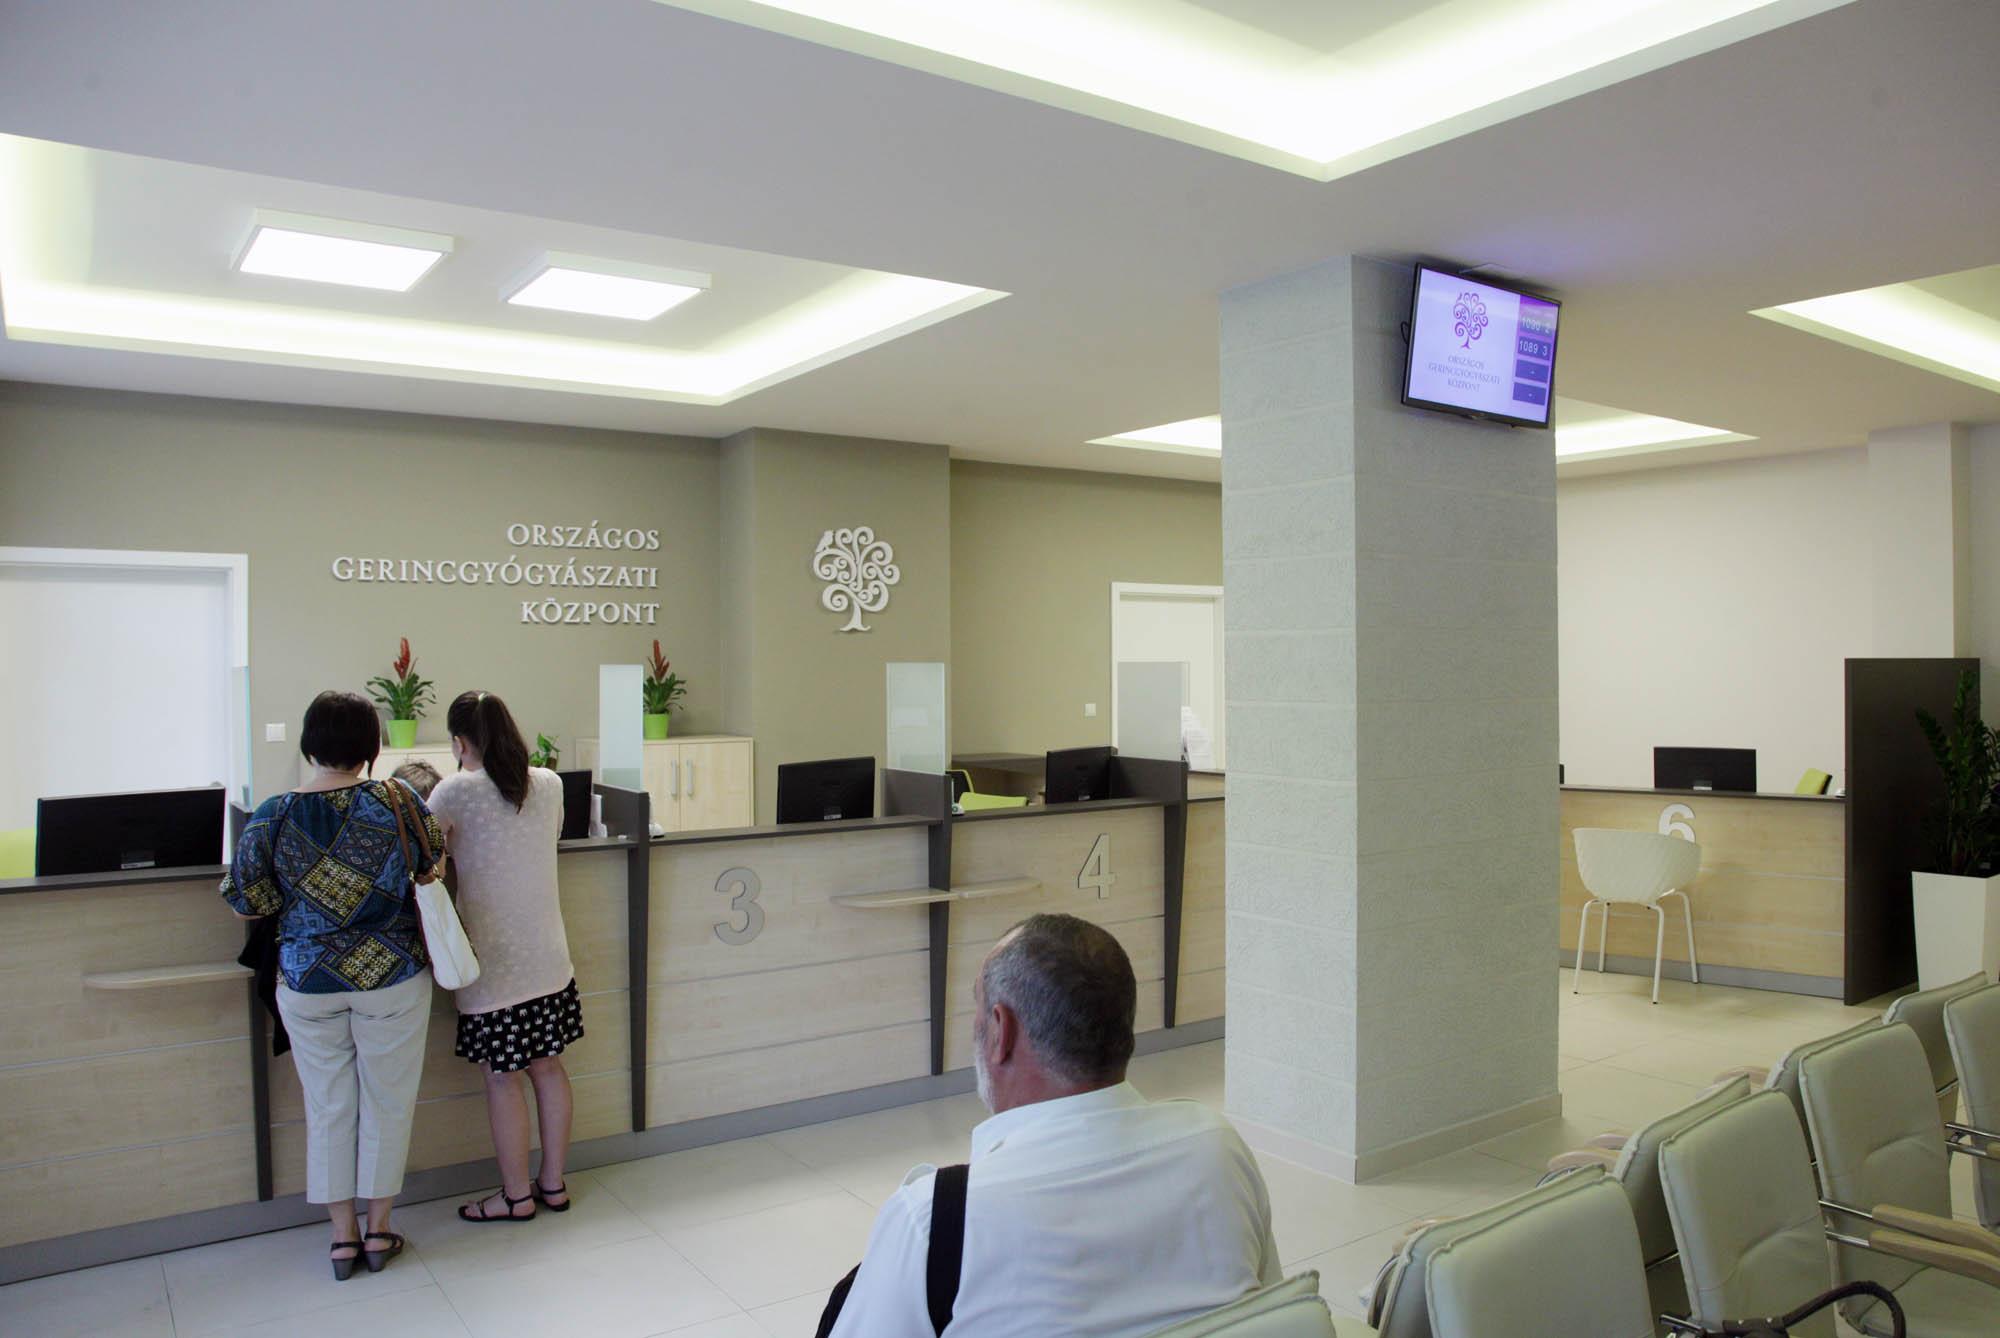 Az Országos Gerincgyógyászati Központ új betegfelvételi és adminisztrációs központja.